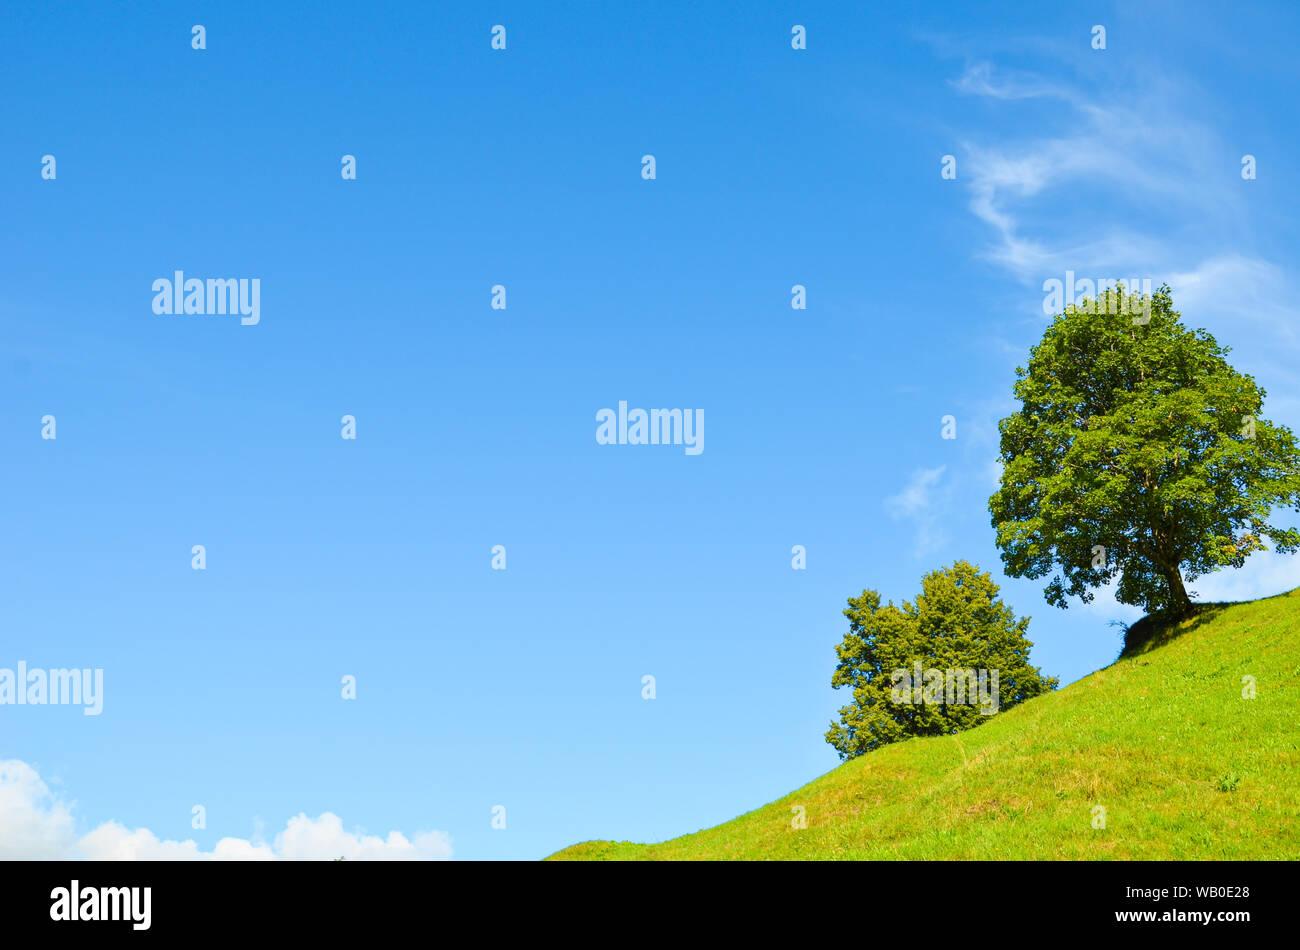 Grüne Bäume auf einem steilen Hügel, blauer Himmel mit Wolken hinter dem Horizont. Kopieren Sie Platz für Text. Der leere Raum. Motivation, persönliche Entwicklung Konzept Stockfoto